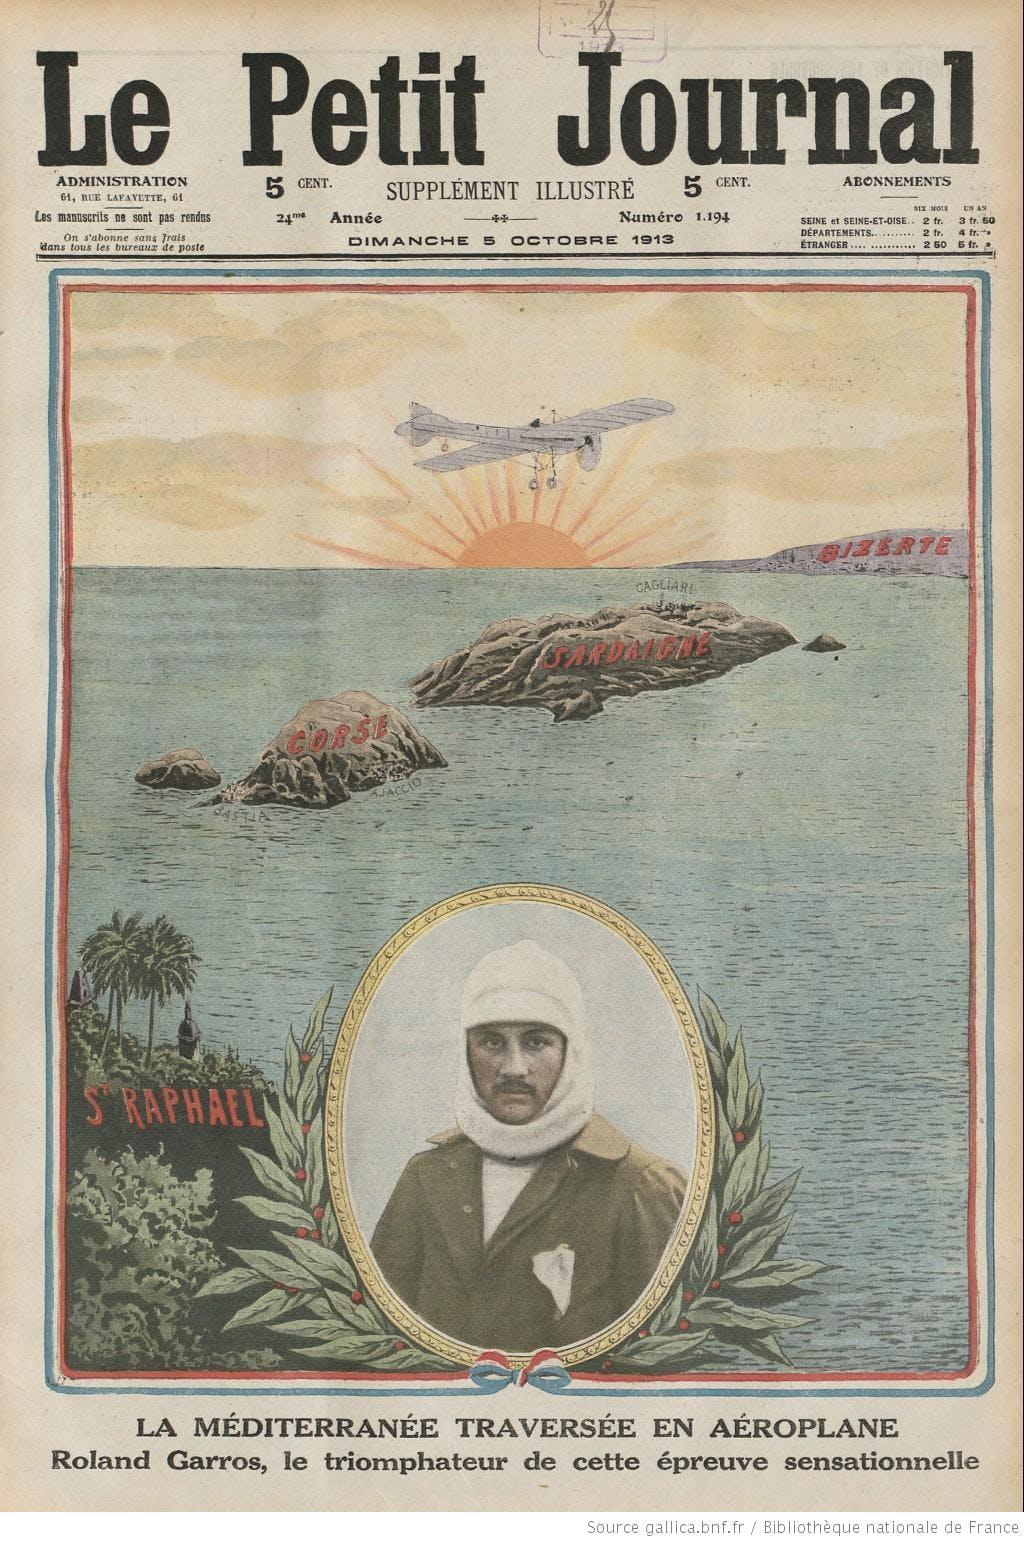 Roland Garros l'aviateur traversée de la Méditerranée 1913.